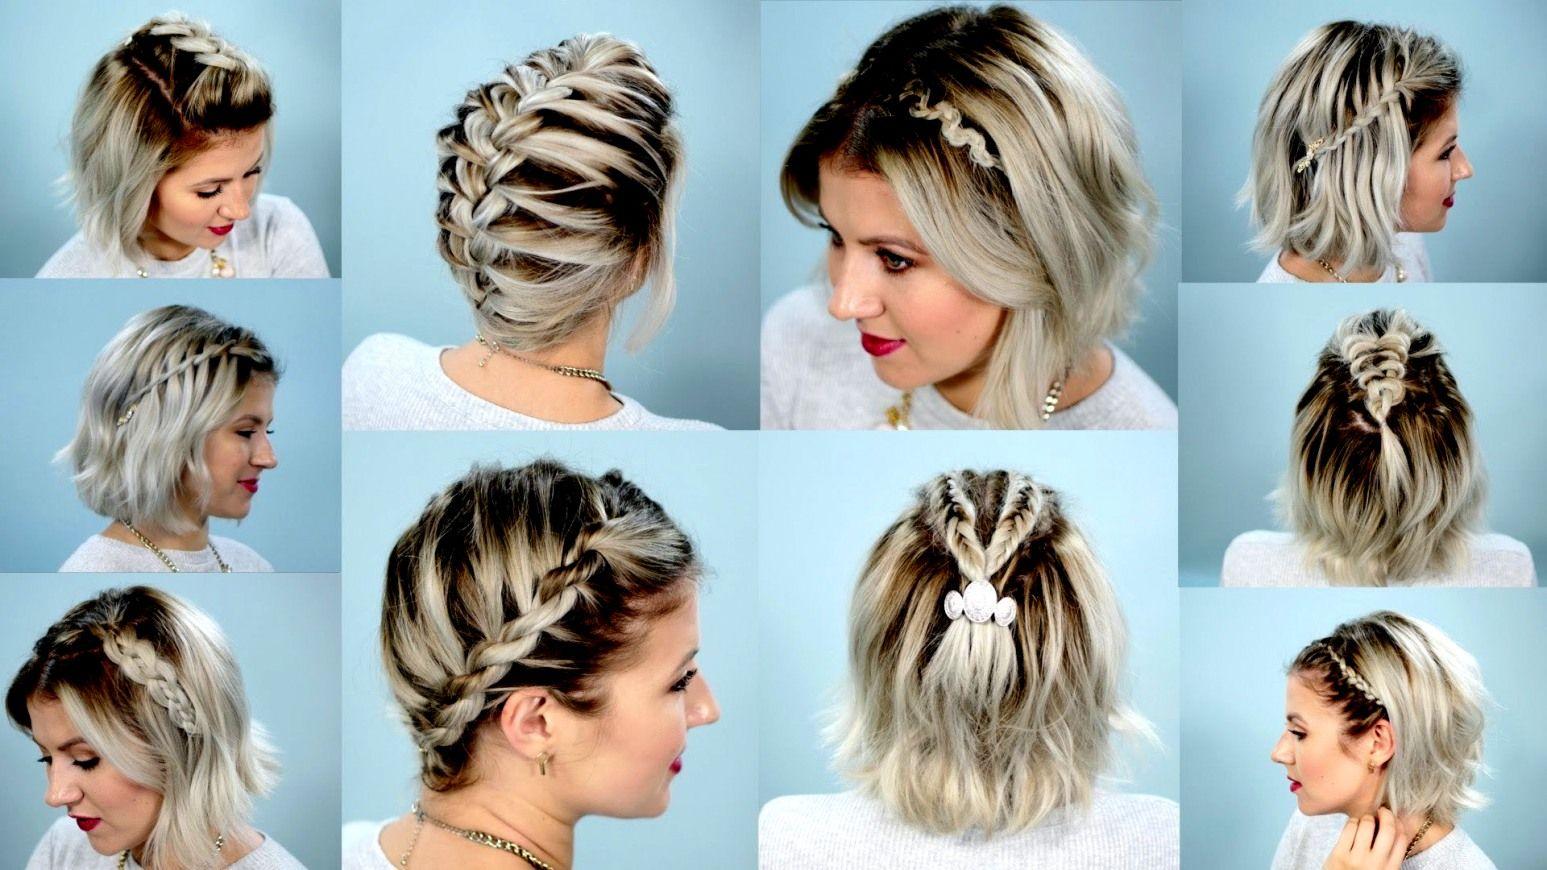 Frisuren Mit Kurzen Haaren Top Modische Kleider Geflochtene Frisuren Fur Kurze Haare Schulterlange Haare Flechten Zopf Kurze Haare